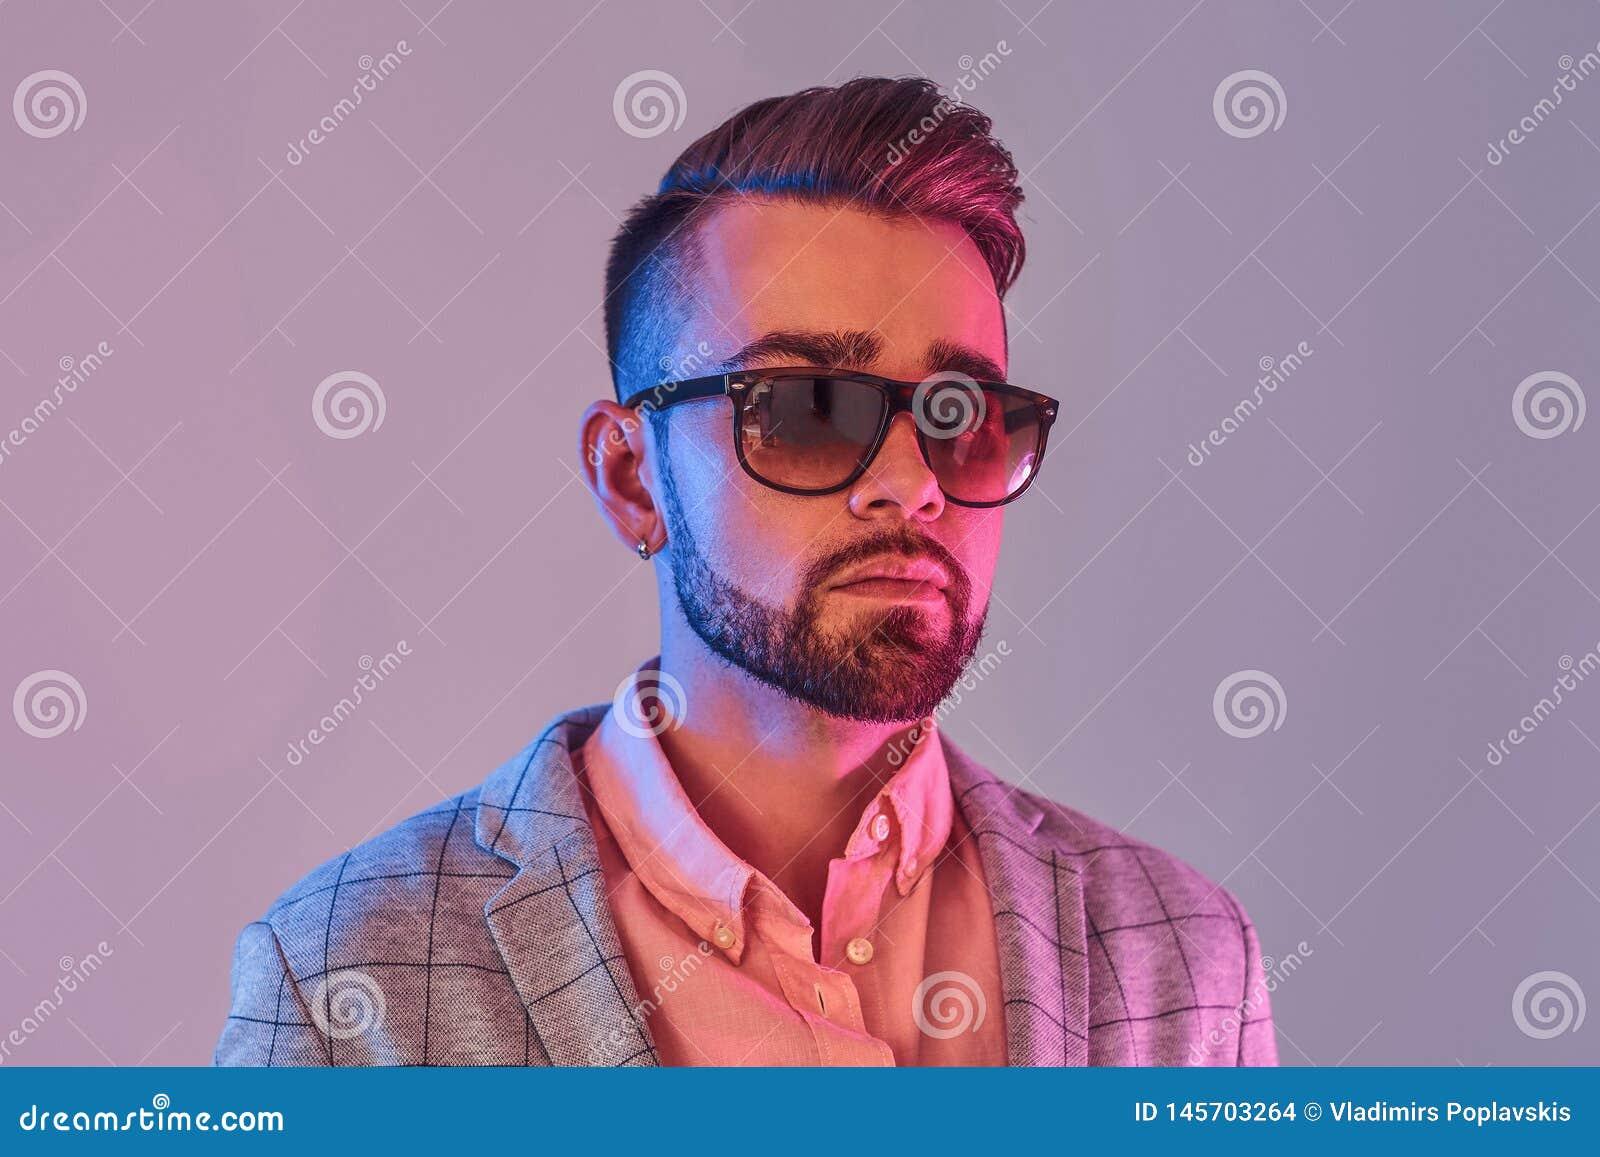 Portr?t des attraktiven nachdenklichen Mannes in checkeret Blazer und Sonnenbrille